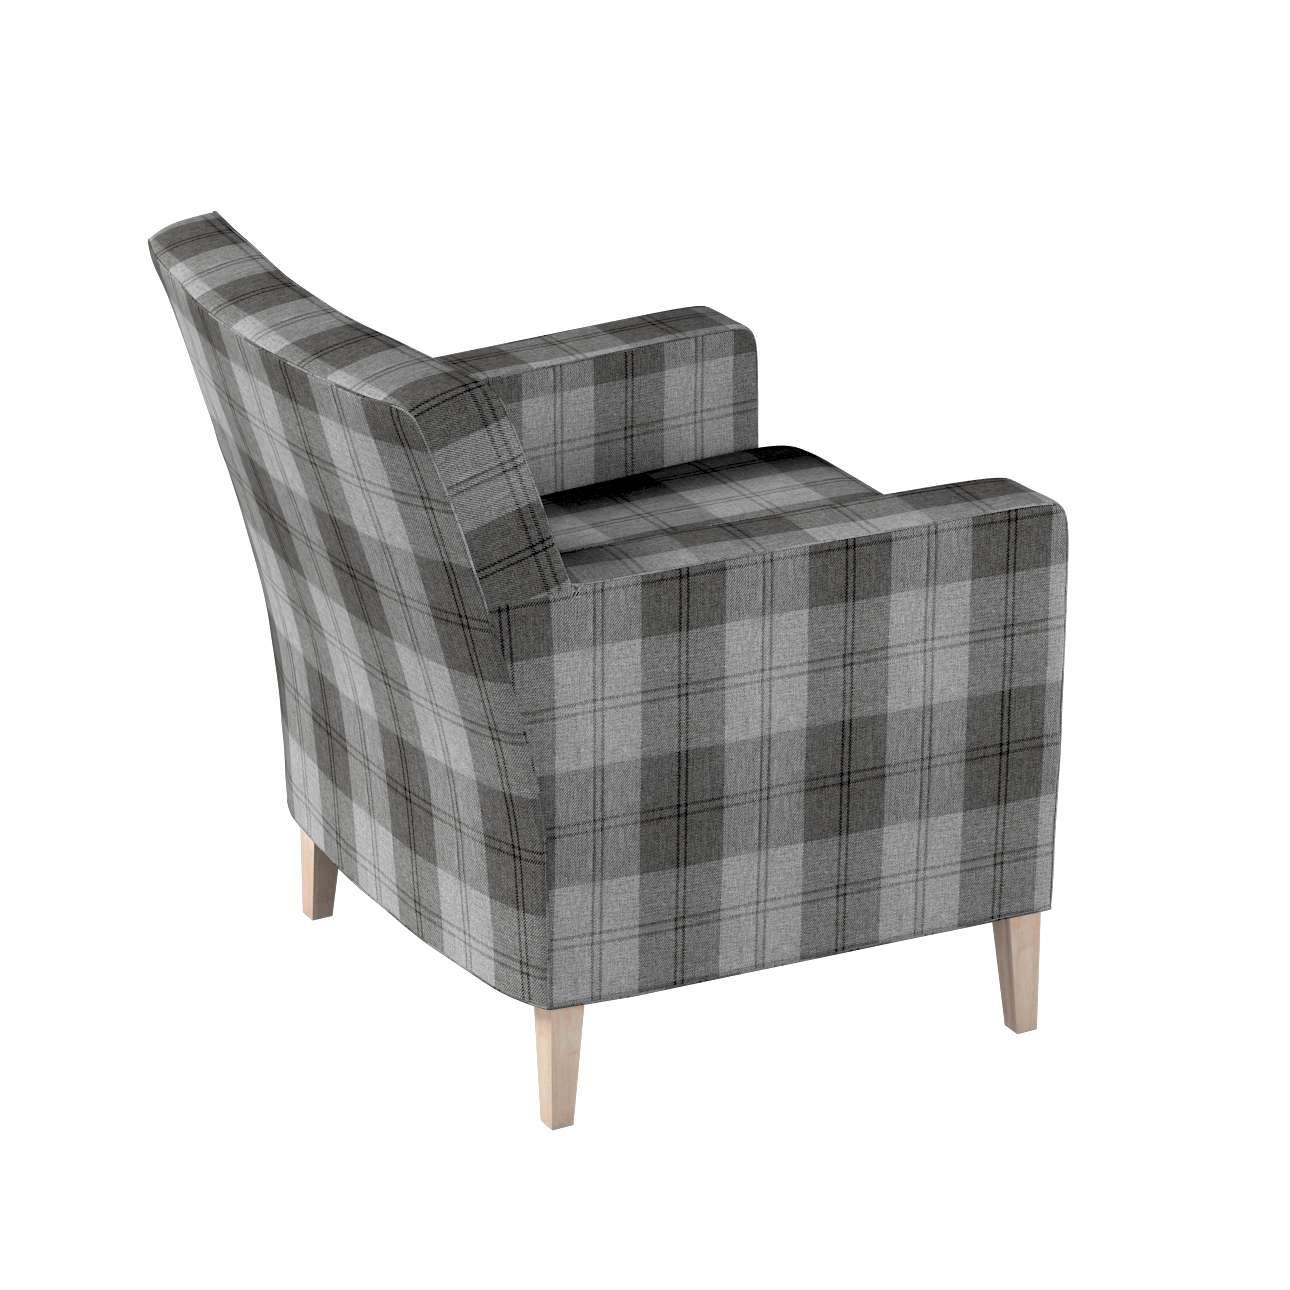 Karlstad nojatuoli, korkea mallistosta Edinburgh, Kangas: 115-75